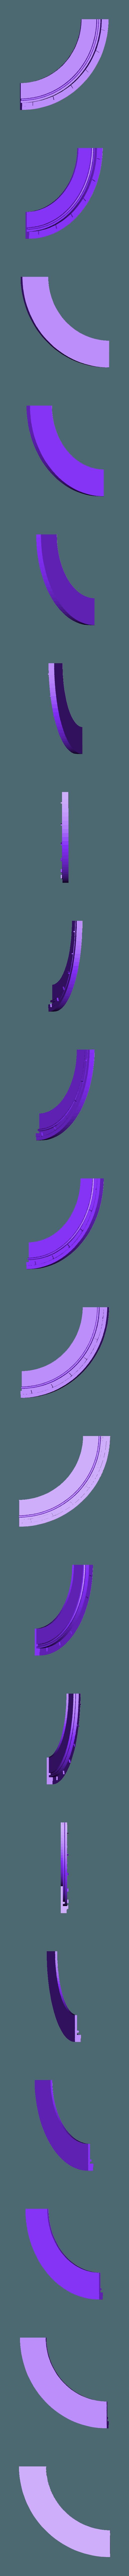 _in_progress_table_CROWN_1.stl Télécharger fichier STL gratuit Dépôt de train à l'échelle 1:87 HO avec table tournante • Plan pour imprimante 3D, nenchev